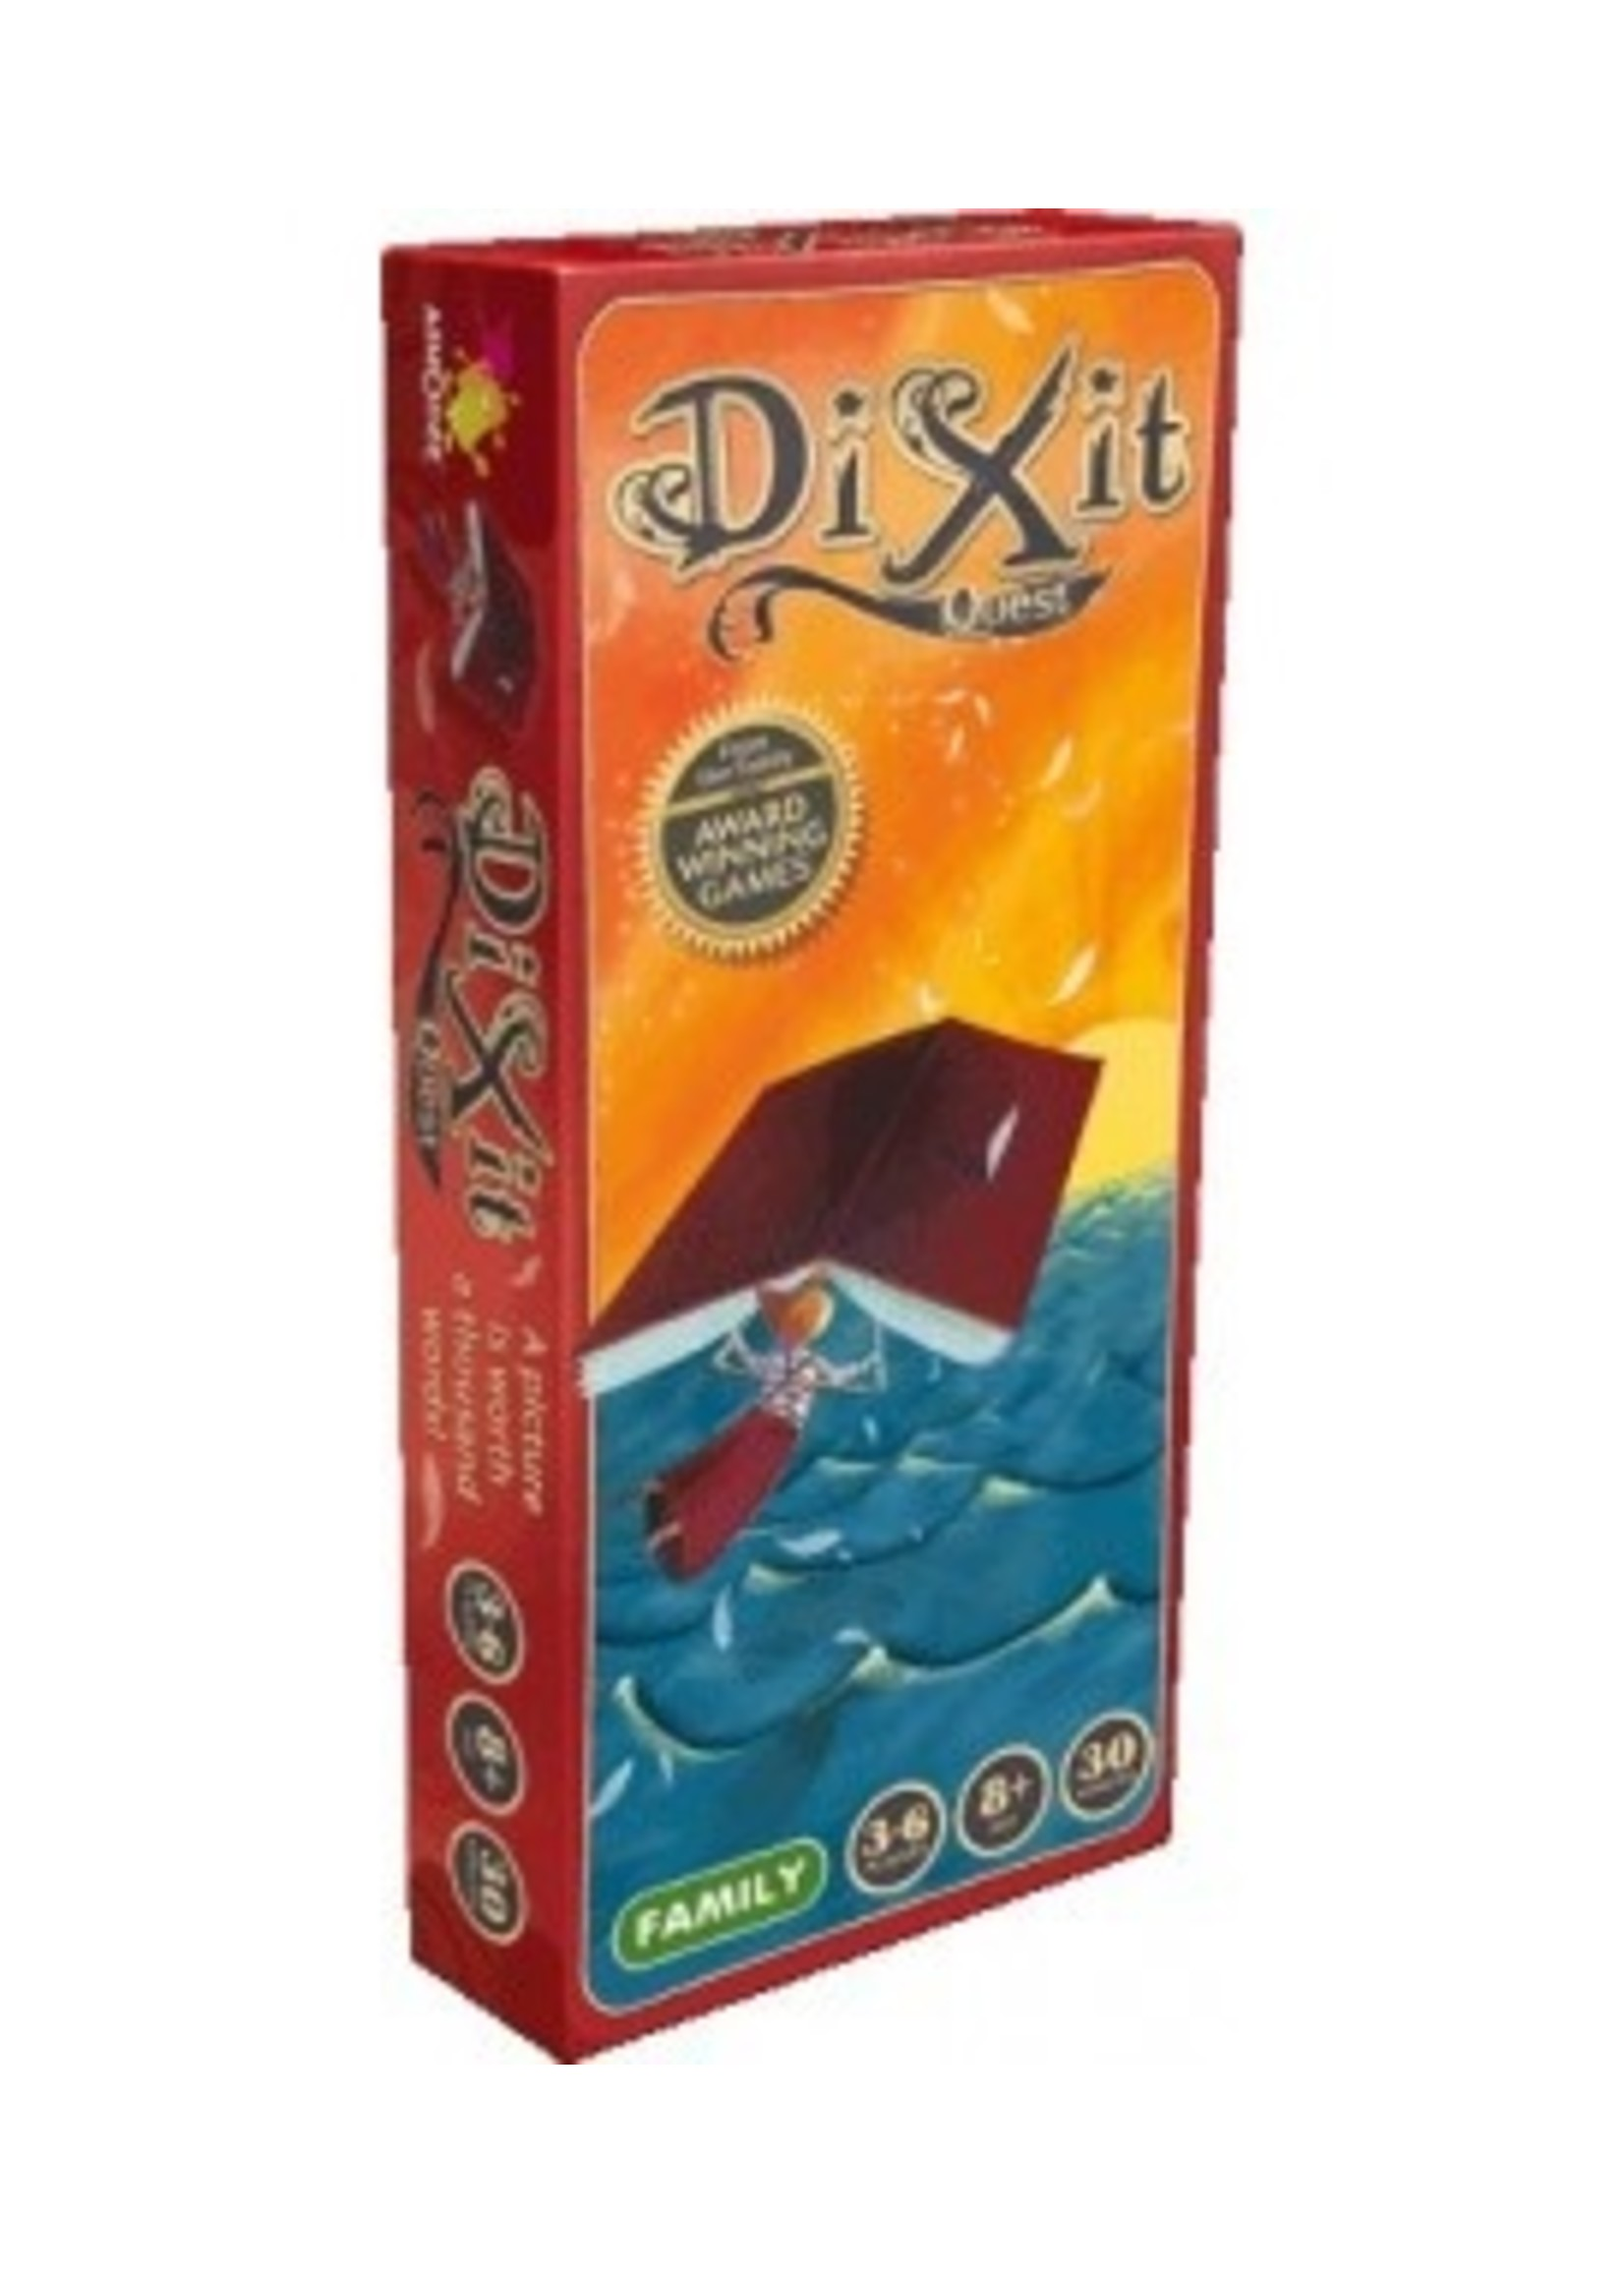 Dixit: Quest Expansion